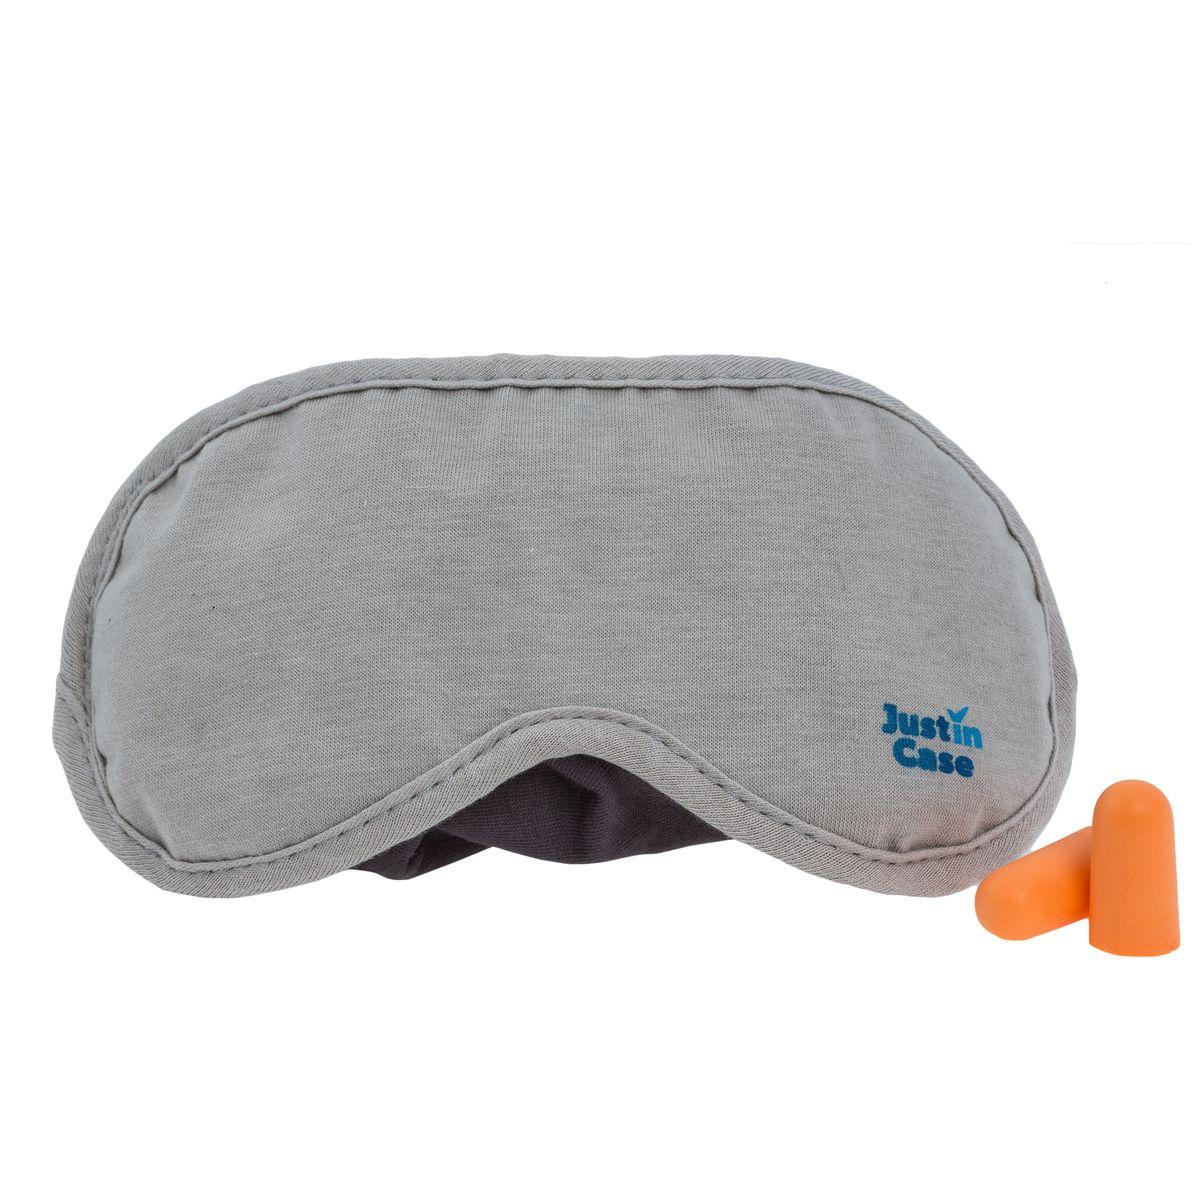 Маска для сна JustinCase, с берушами, цвет: серыйЕ508Набор из мягкой ночной маски для сна и берушей JustinCase защитит ваш крепкий сон от яркого света и назойливого шума. На регулируемом по длине ремешке имеется место для хранения берушей. Гул двигателей самолета, перестук колес, громкие разговоры попутчиков не помешают вам отдохнуть. Спите с комфортом, где бы вы ни были! Купить маску для сна – вопрос трех минут, зато она обеспечит вам многие часы спокойного сна. Размер маски: 18,5 см х 9 см. Размер берушей: 2,5 см х 1,2 см х 1,2 см.